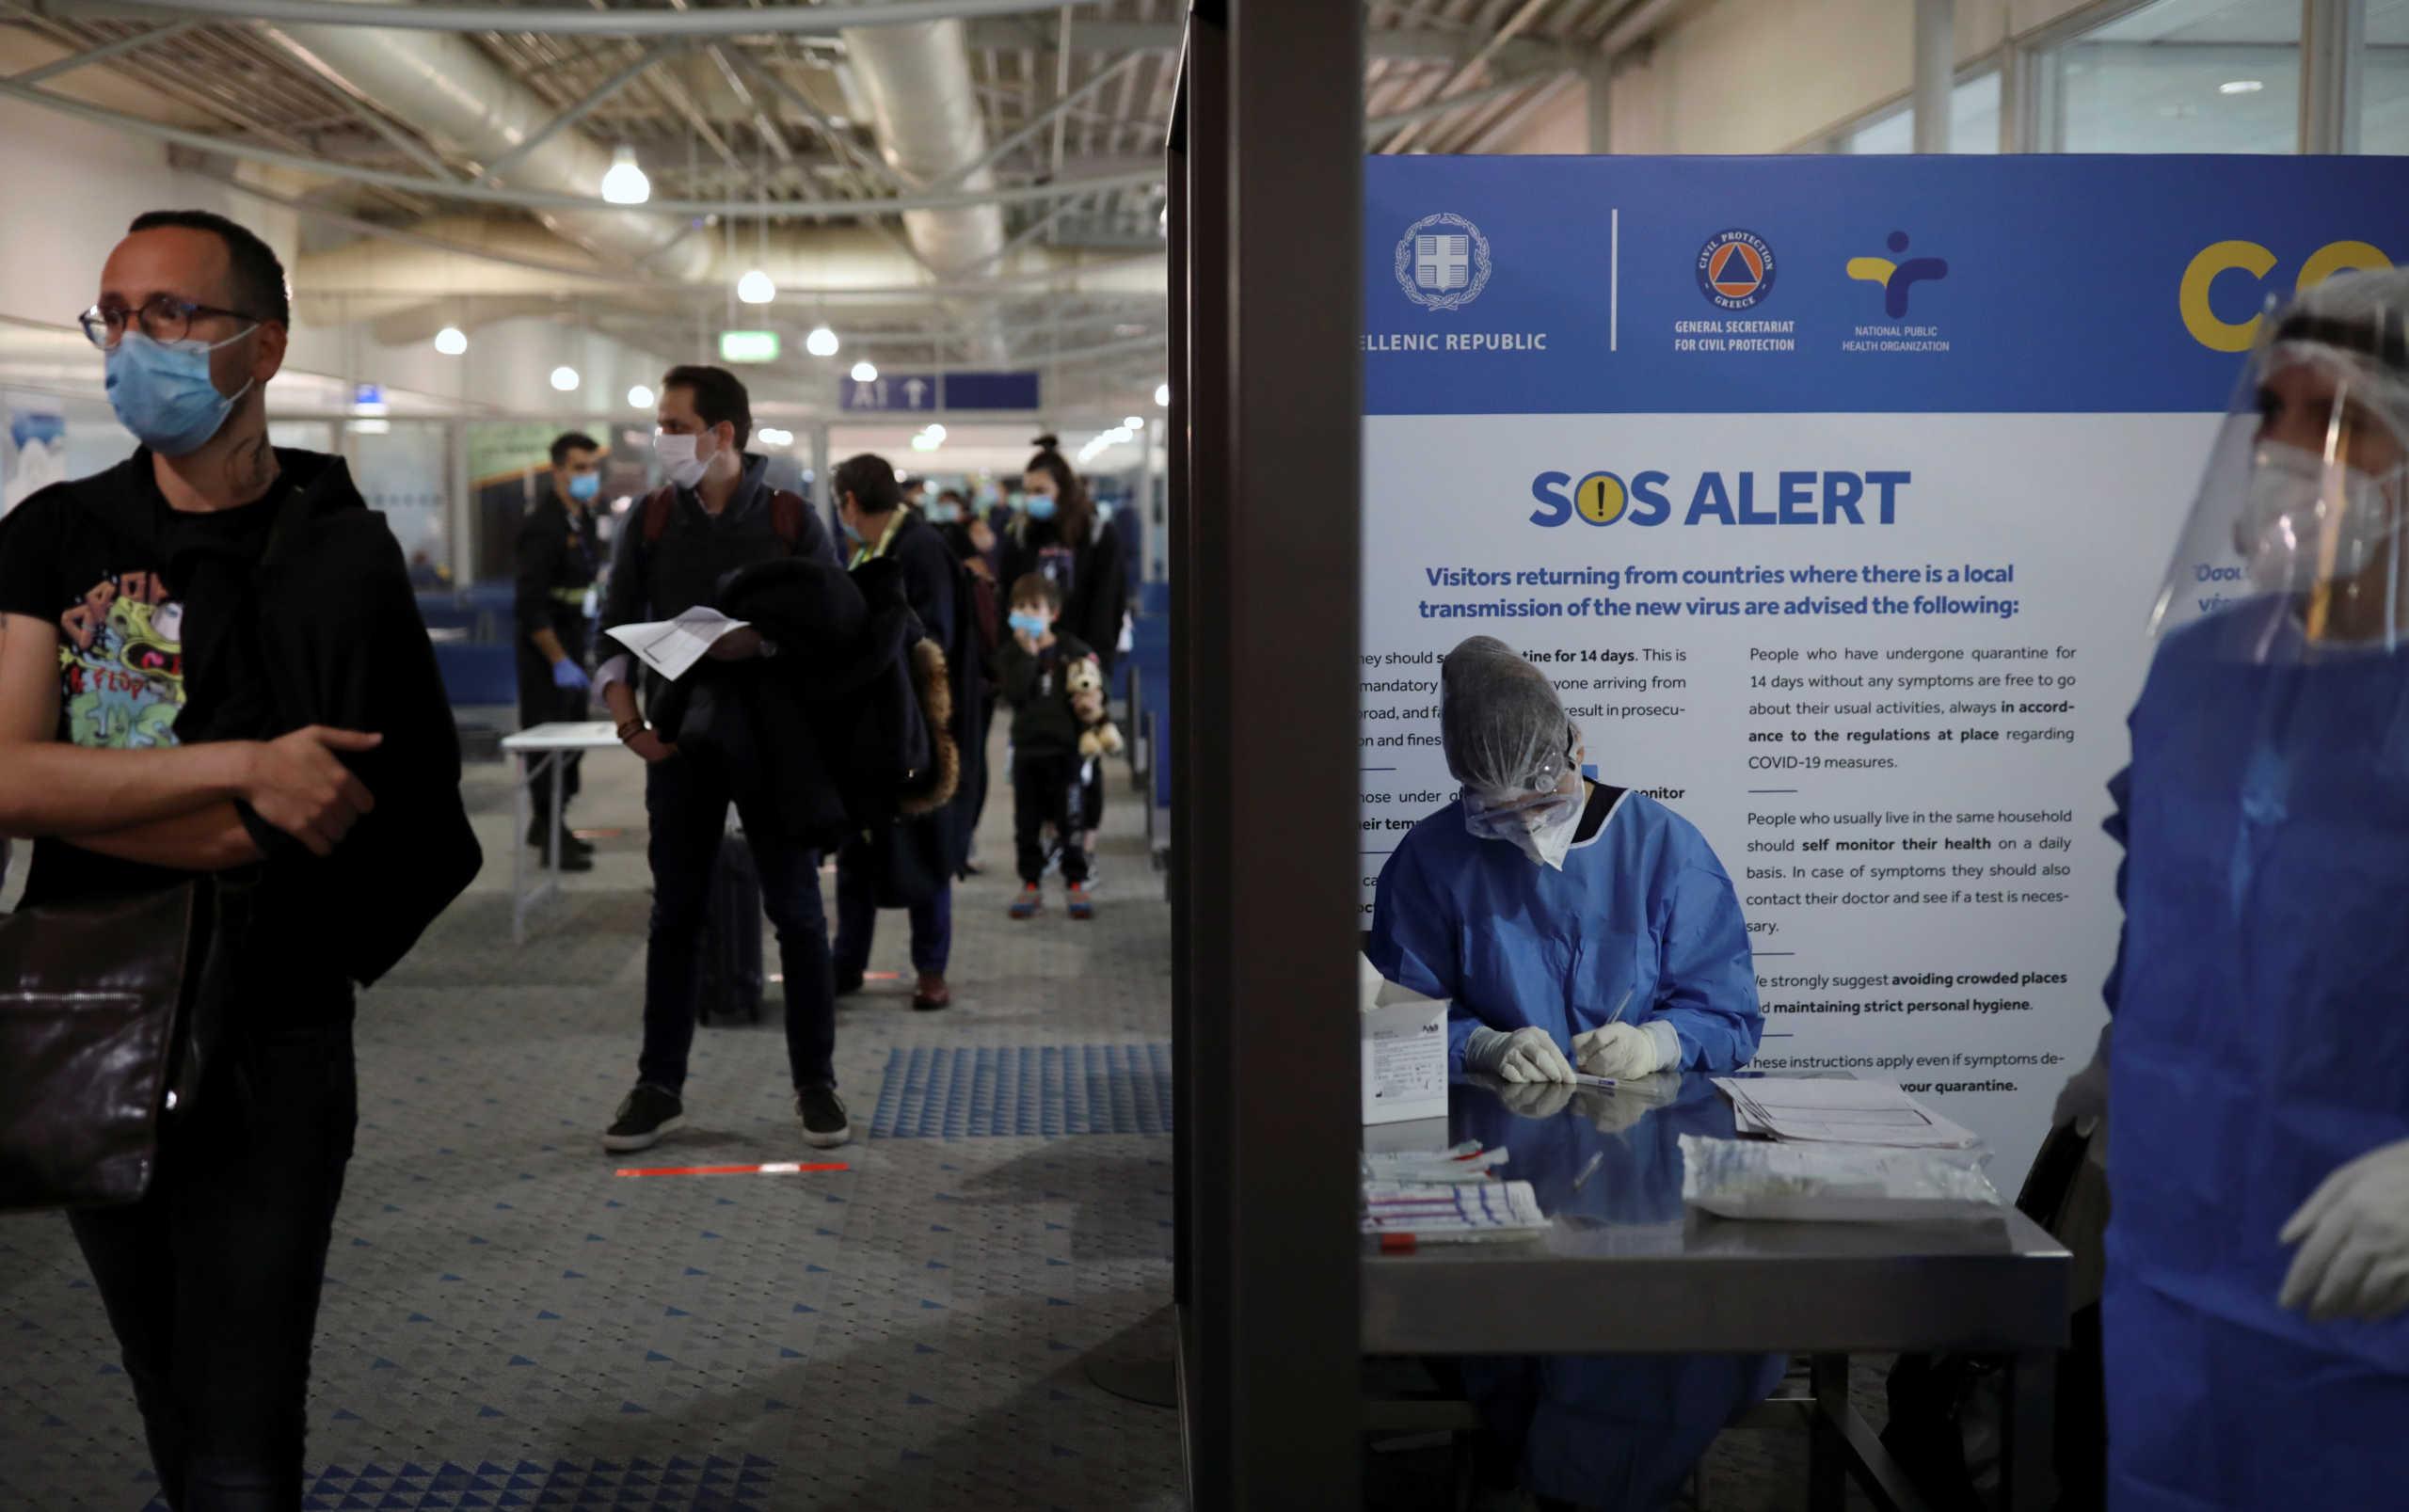 Κορονοϊός: Έκτακτα μέτρα για τις αφίξεις από Βρετανία μετά τις ανακοινώσεις για τη μετάλλαξη του ιού